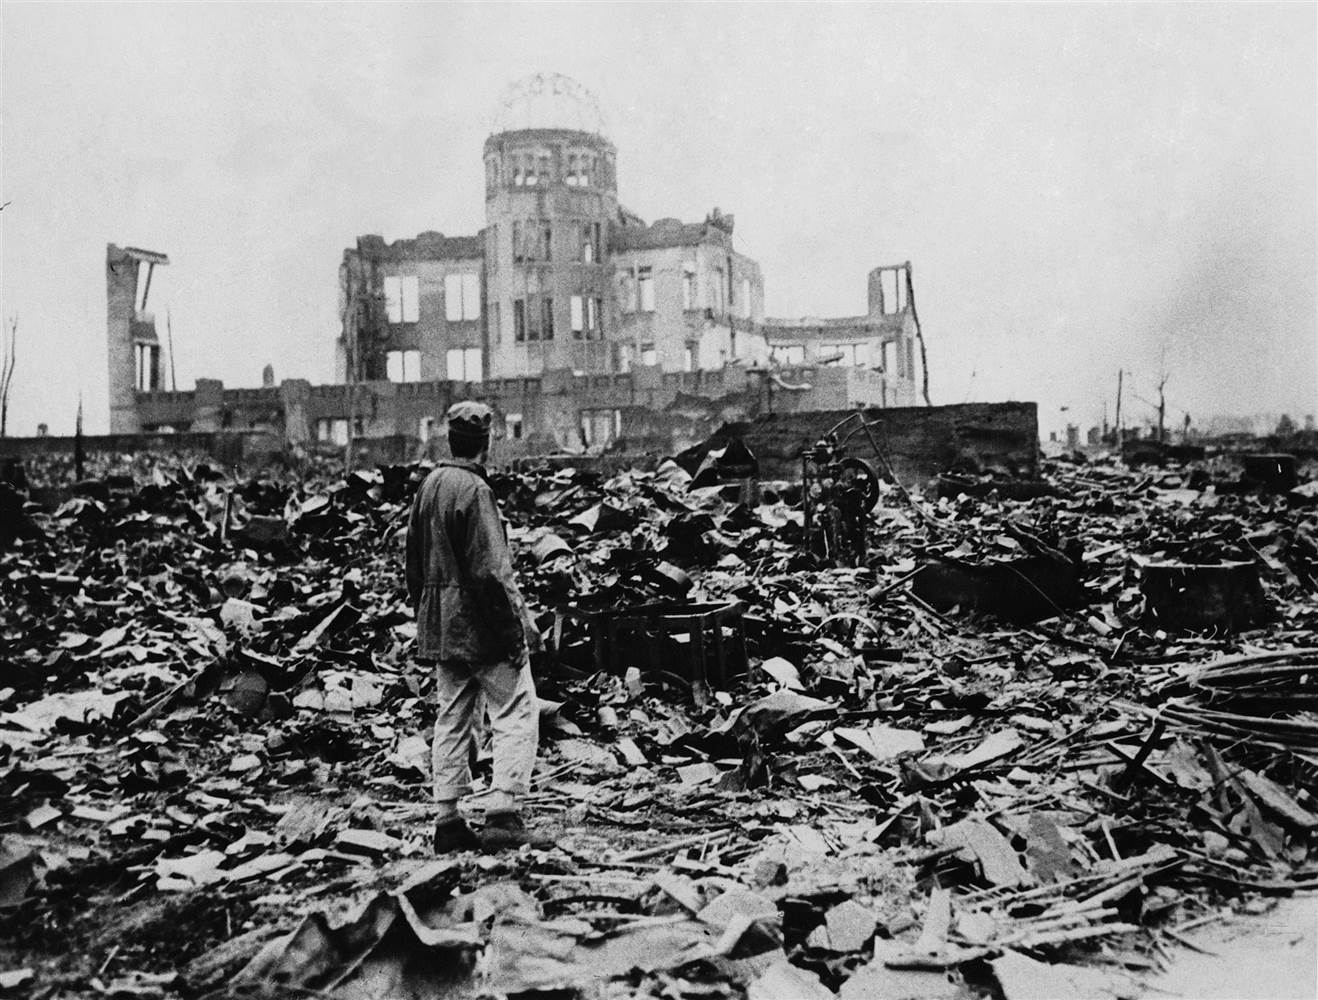 原子彈引爆後,廣島瞬間成為廢墟,via NBC